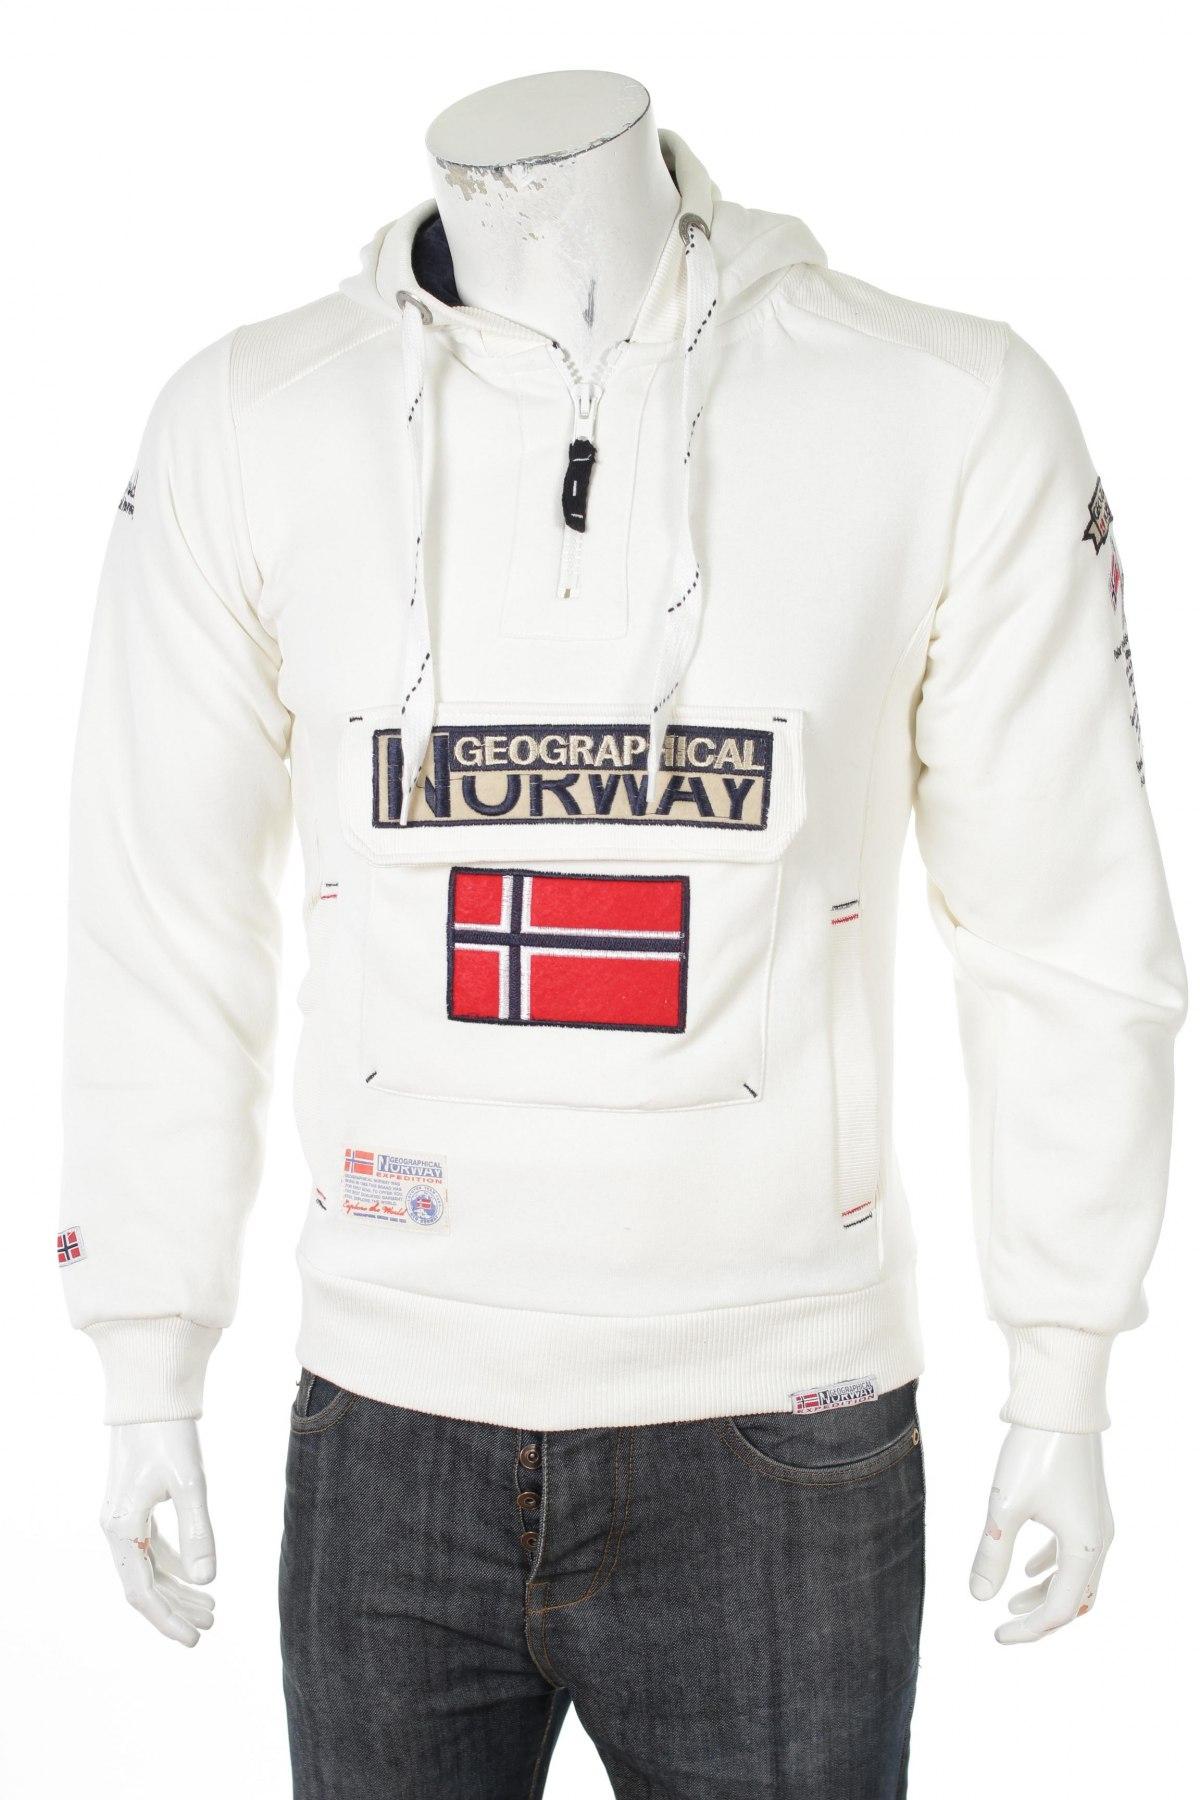 Pánska mikina Geographical Norway - za výhodnú cenu na Remix -  8823392 6ddc5385e9d